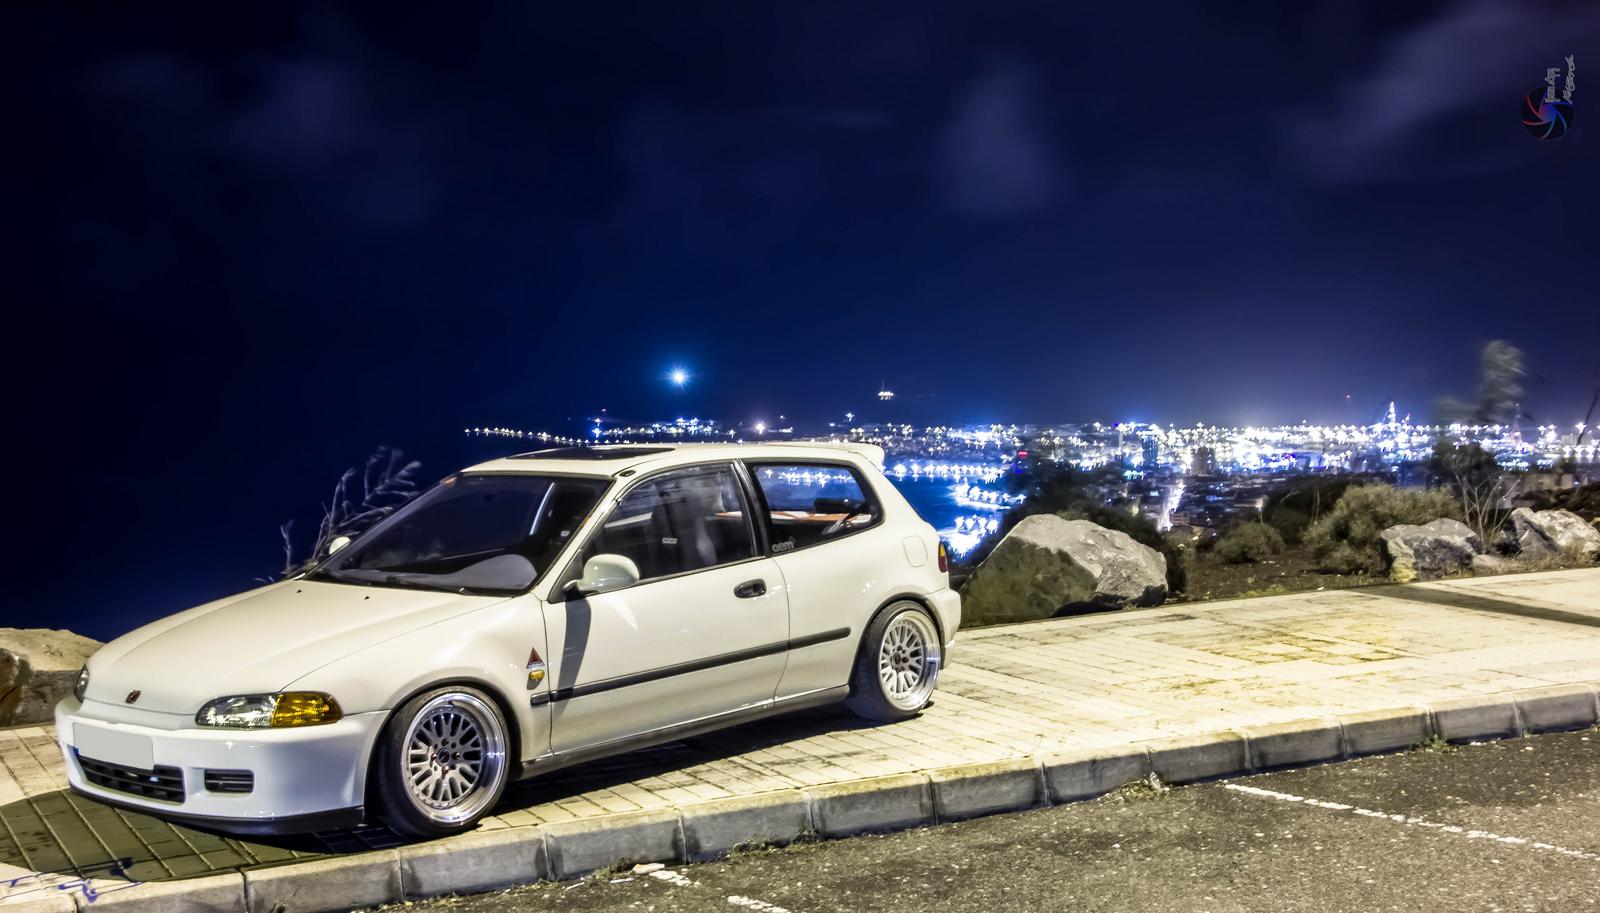 Honda Civic V. Popularny hatchback z lat 90, często polecany na pierwsze auto, charakeryzuje się niską linią nadwozia, najlepsze wersje wyposażone są w wysokoobrotowe silniki B16 z VTEC. Fotografia wykonana nocą.